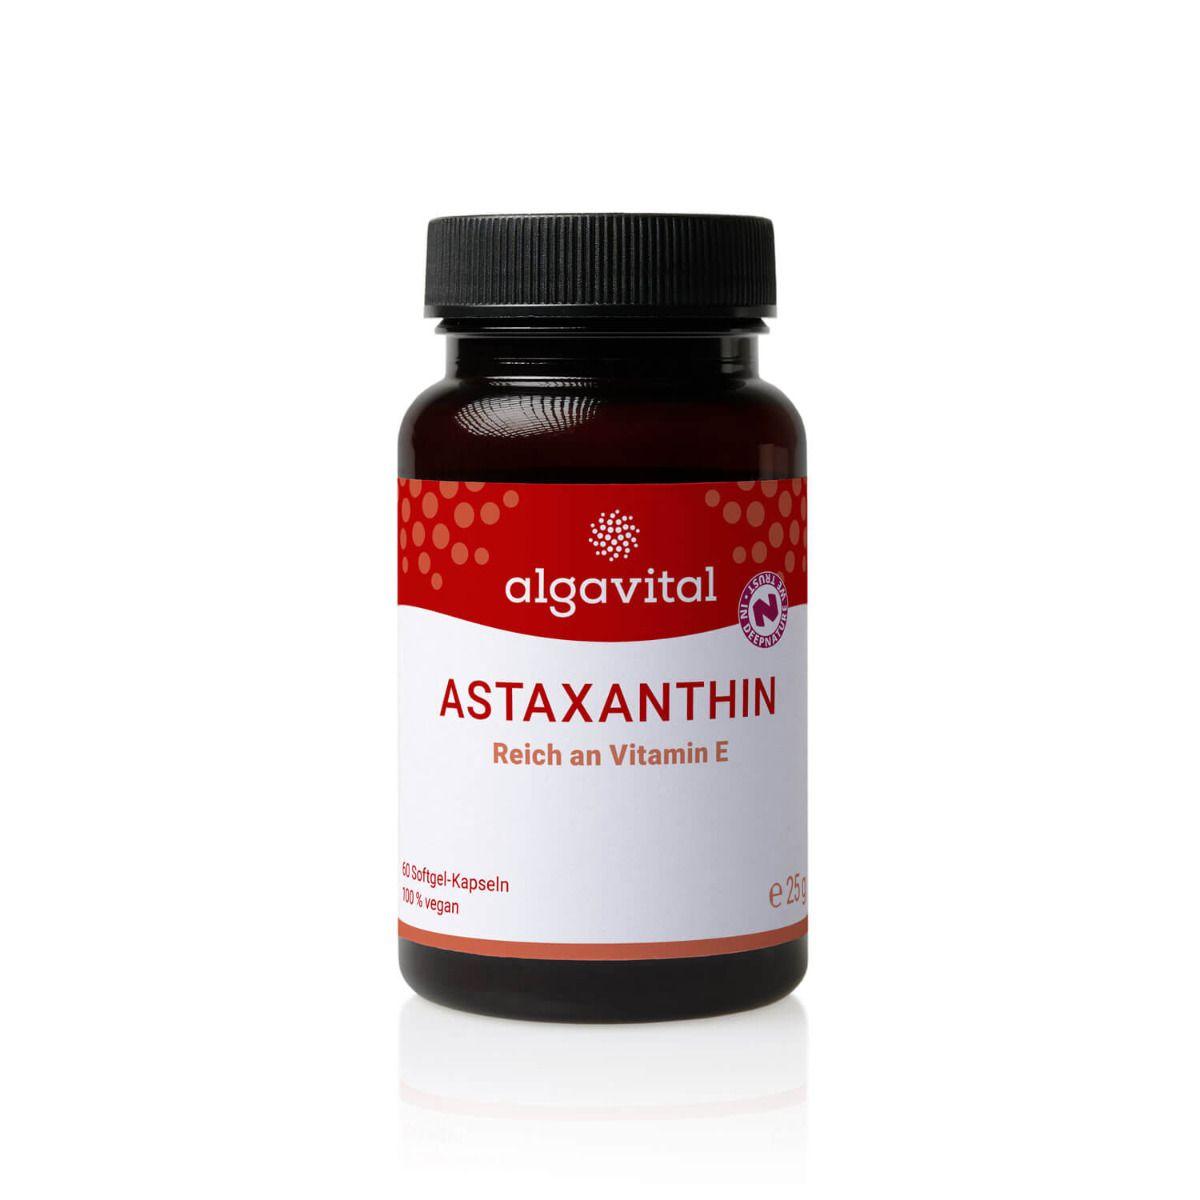 Astaxanthin, vegan 60Stk. (Vitamin E)